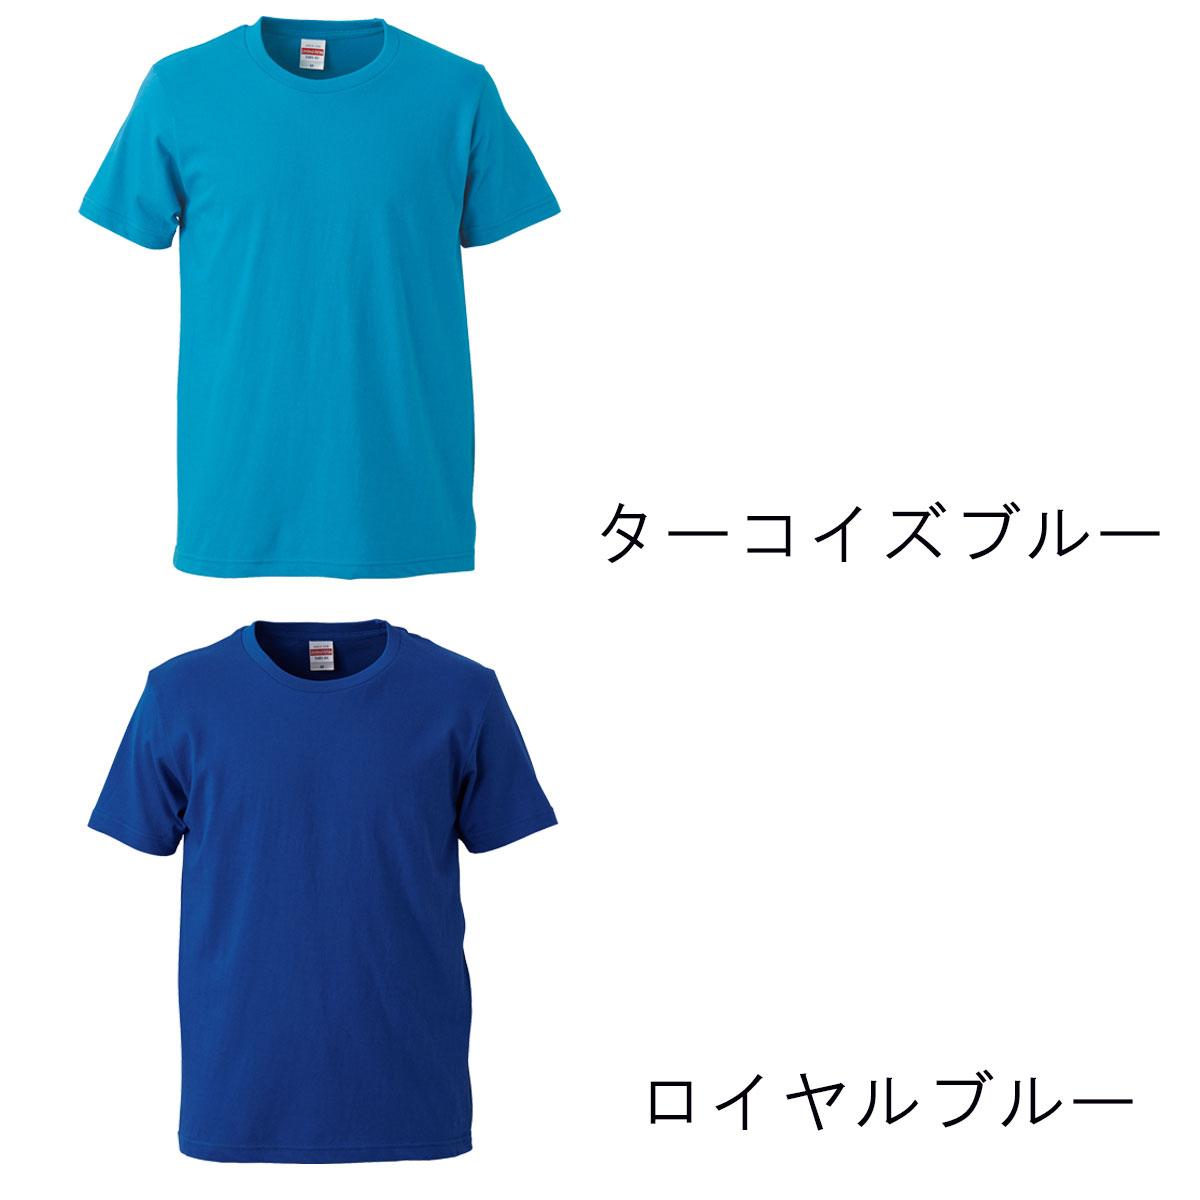 レギュラーフィット Tシャツ